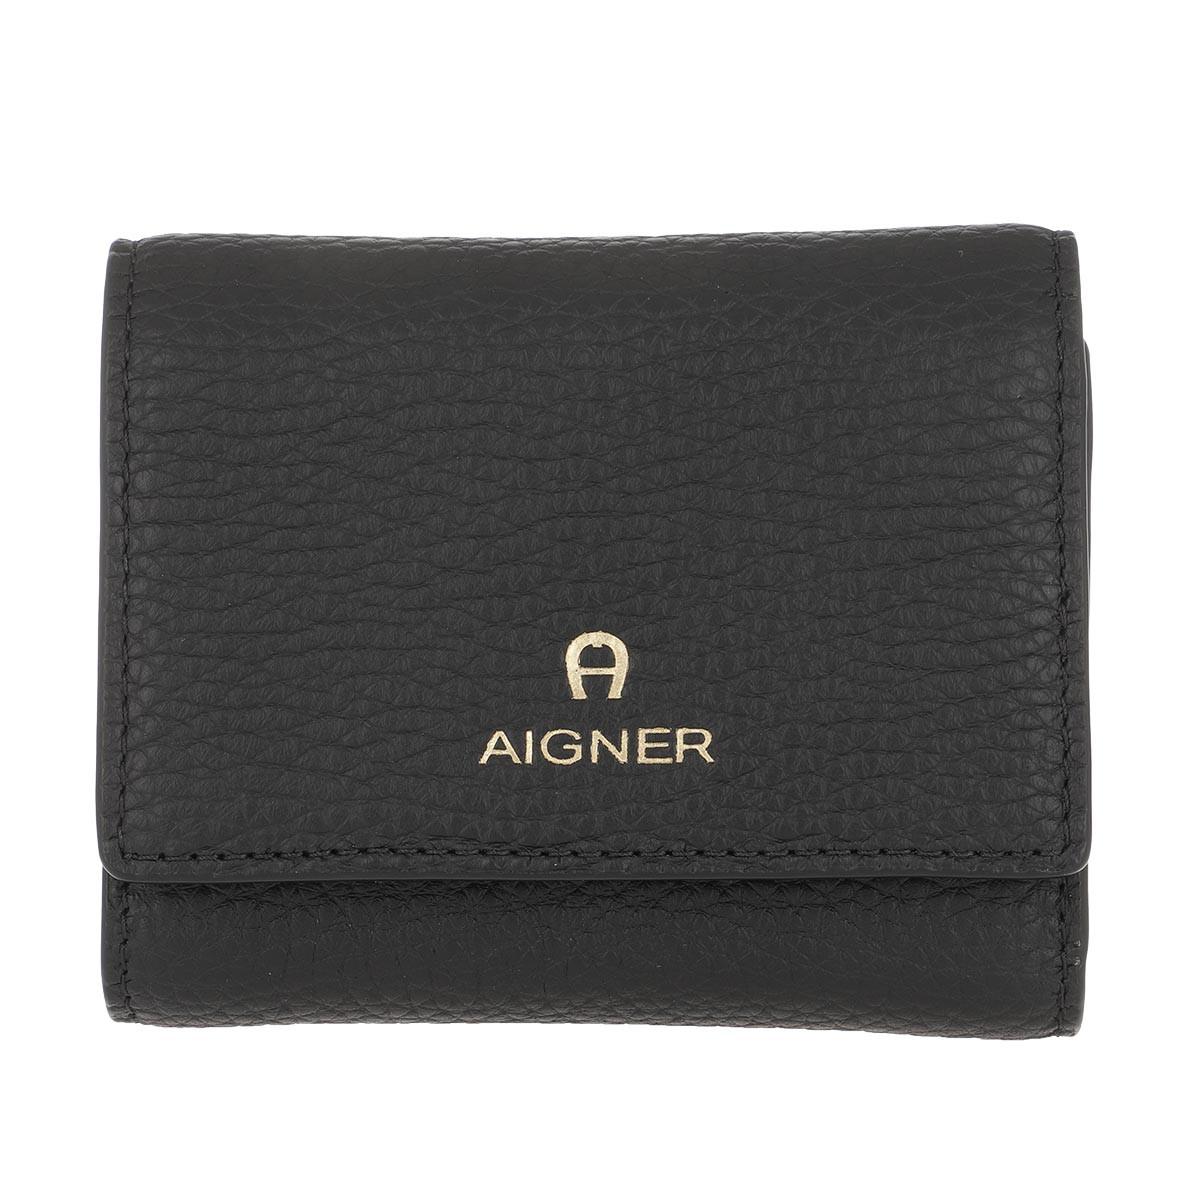 Aigner Portemonnaie - Wallet Ivy Black - in schwarz - für Damen